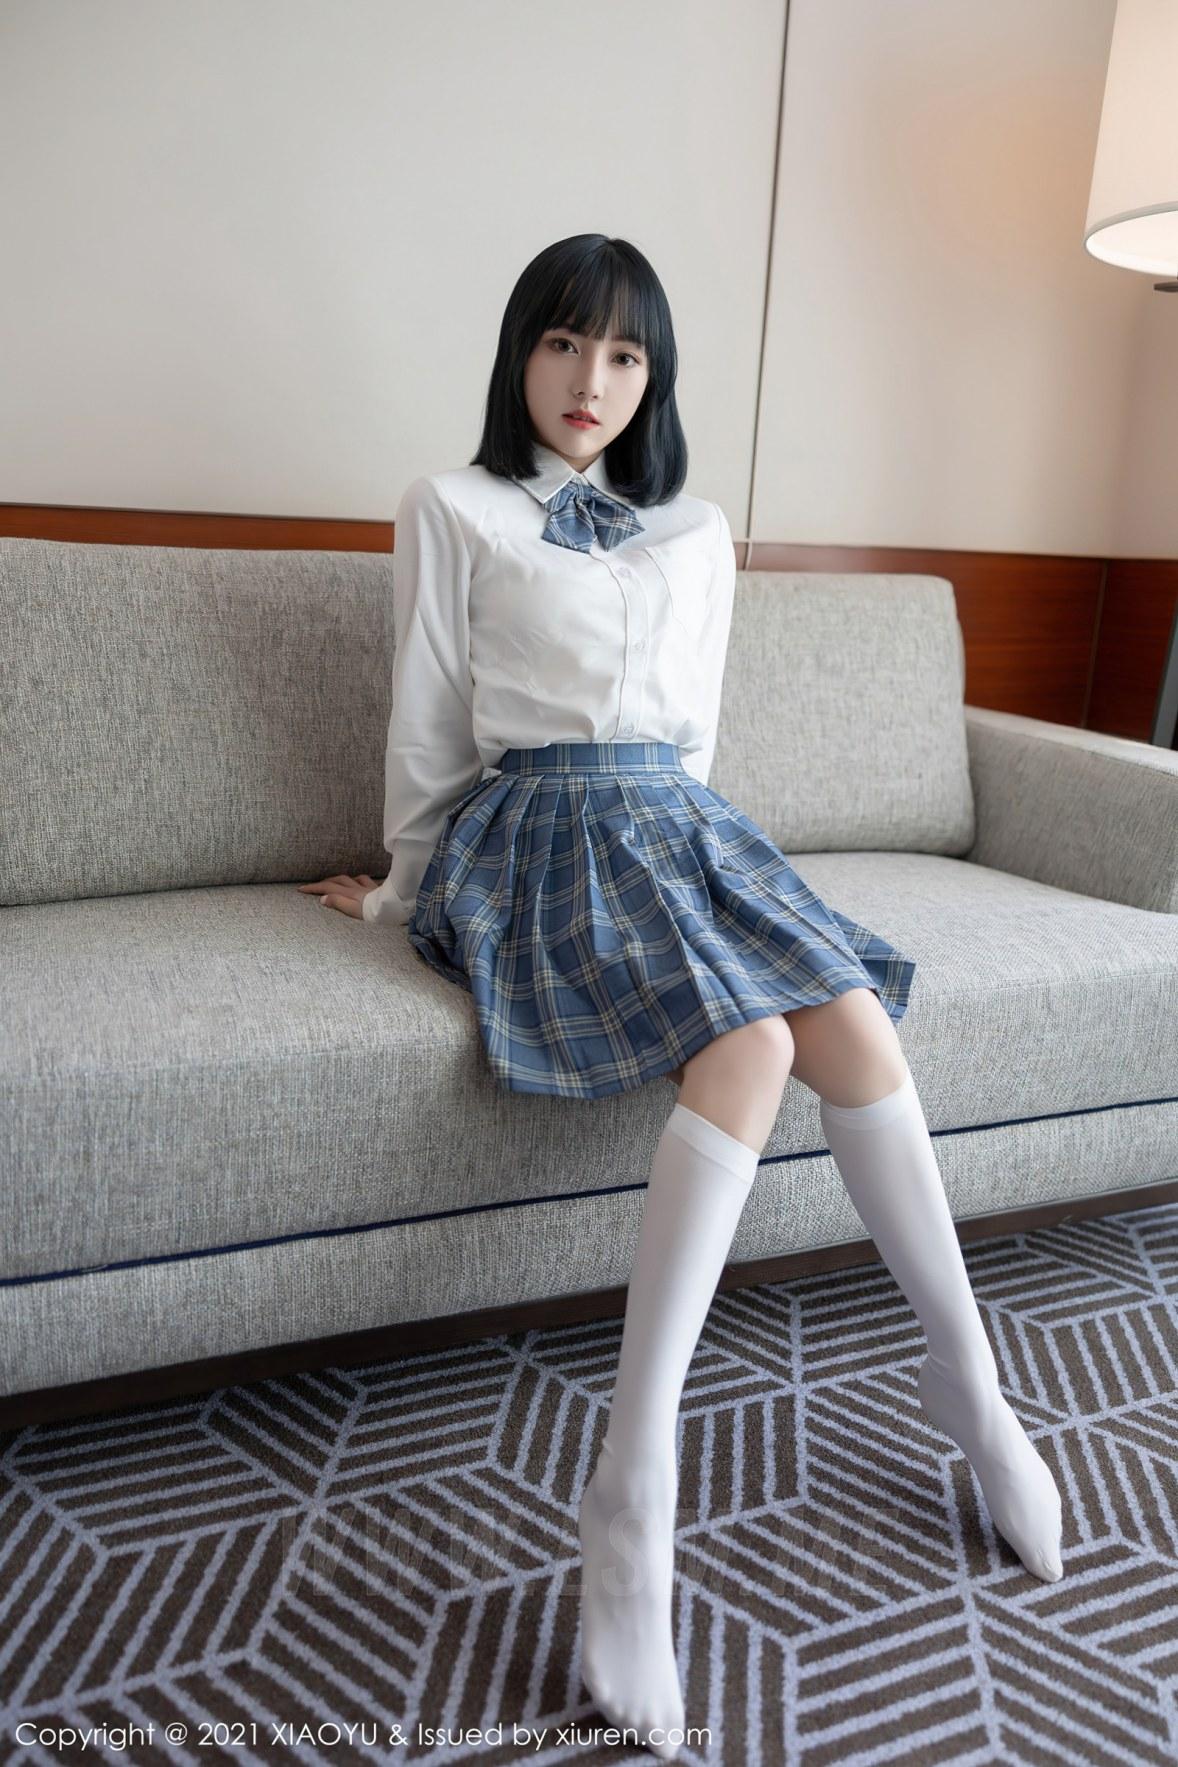 XIAOYU  语画界 Vol.508 JK制服系列 豆瓣酱  新人模特 - 1